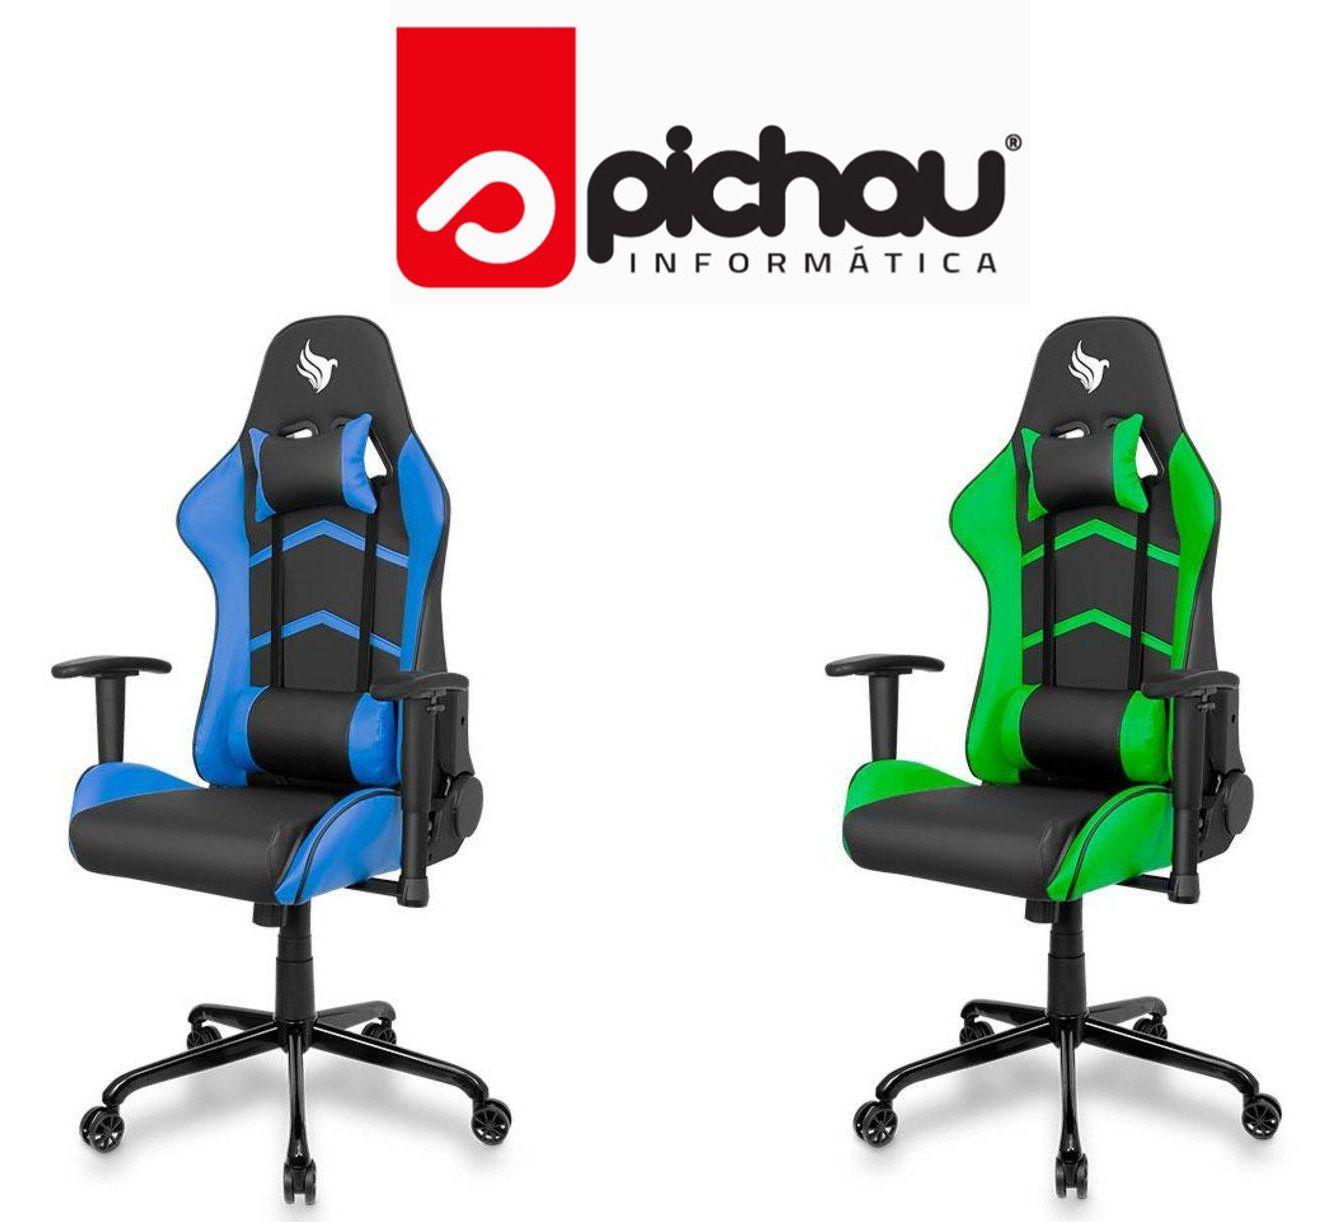 TOPPPP PREÇO❗️❗️ Cadeira Gamer Pichau Gaming Donek 🔥 Por: R$ 536,91 🎯  Usem o cupom: MAIS30 Verde: afl.b2w.io/3cgJ… | Cupons de desconto, Móveis  decoração, Cadeira